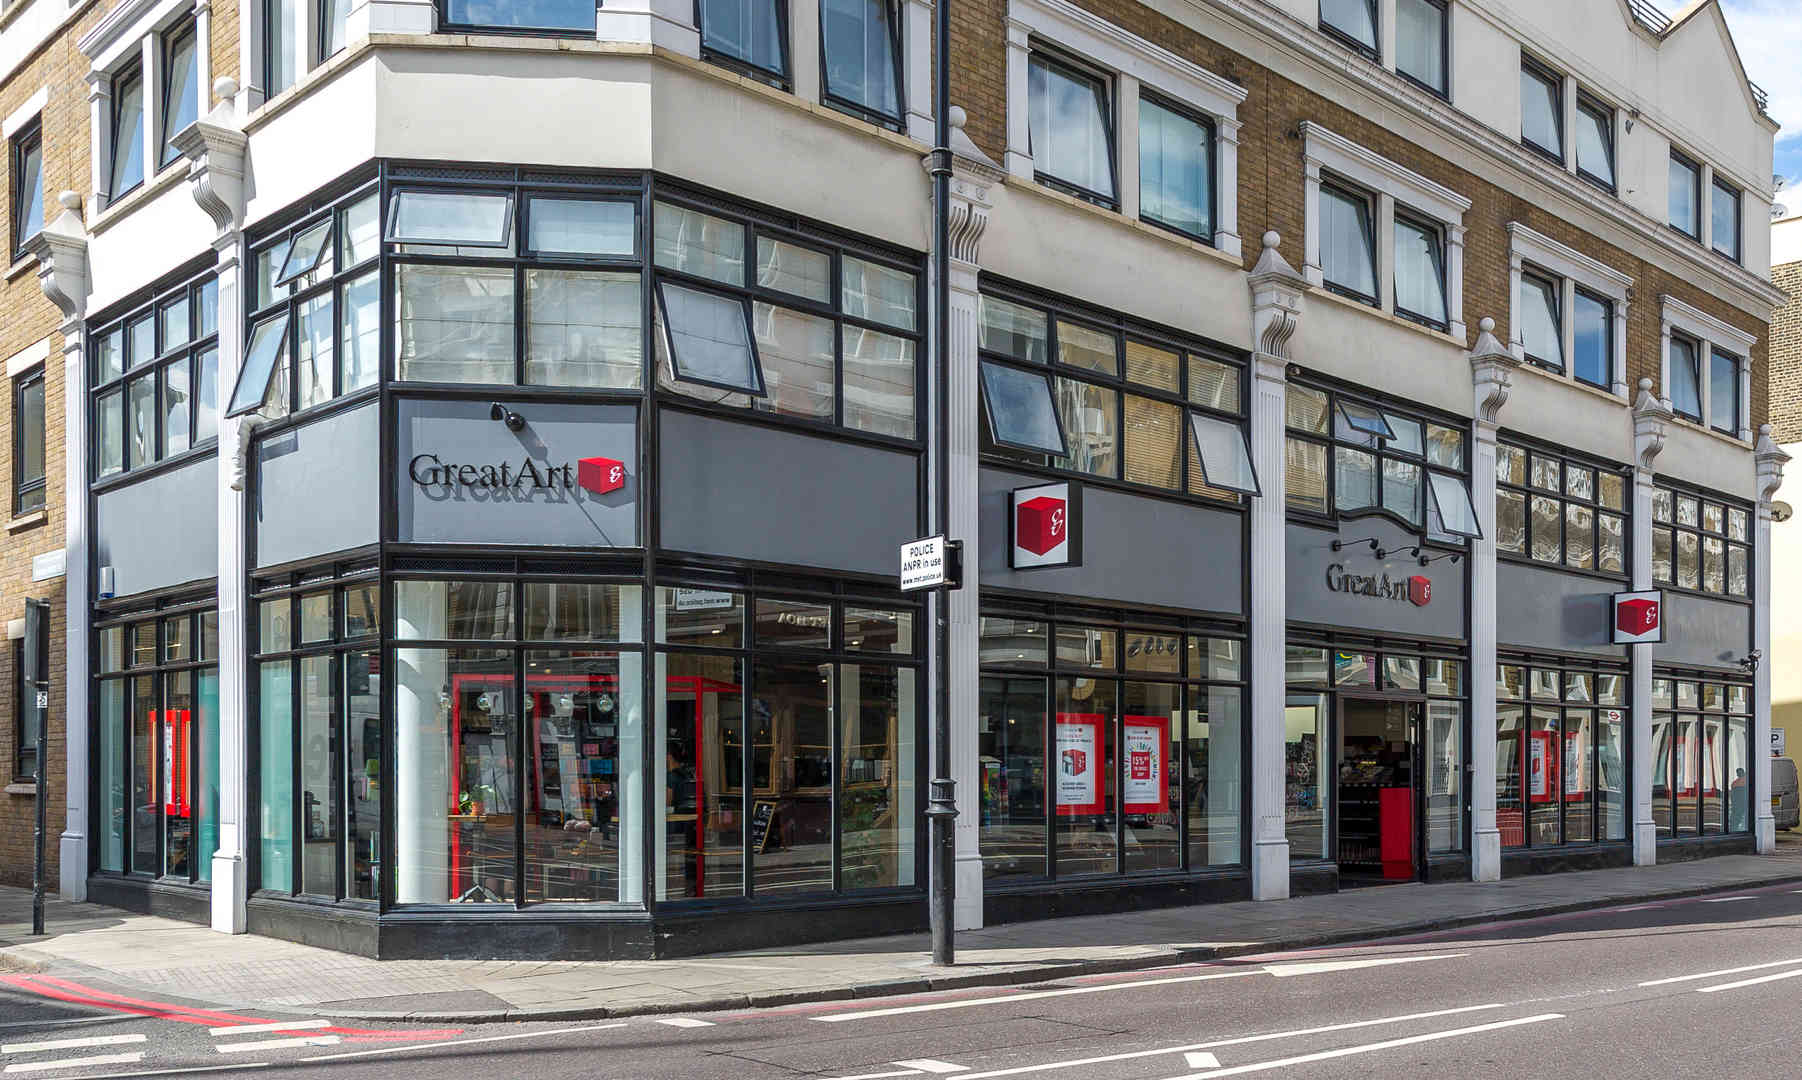 Point de vente GreatArt Londres